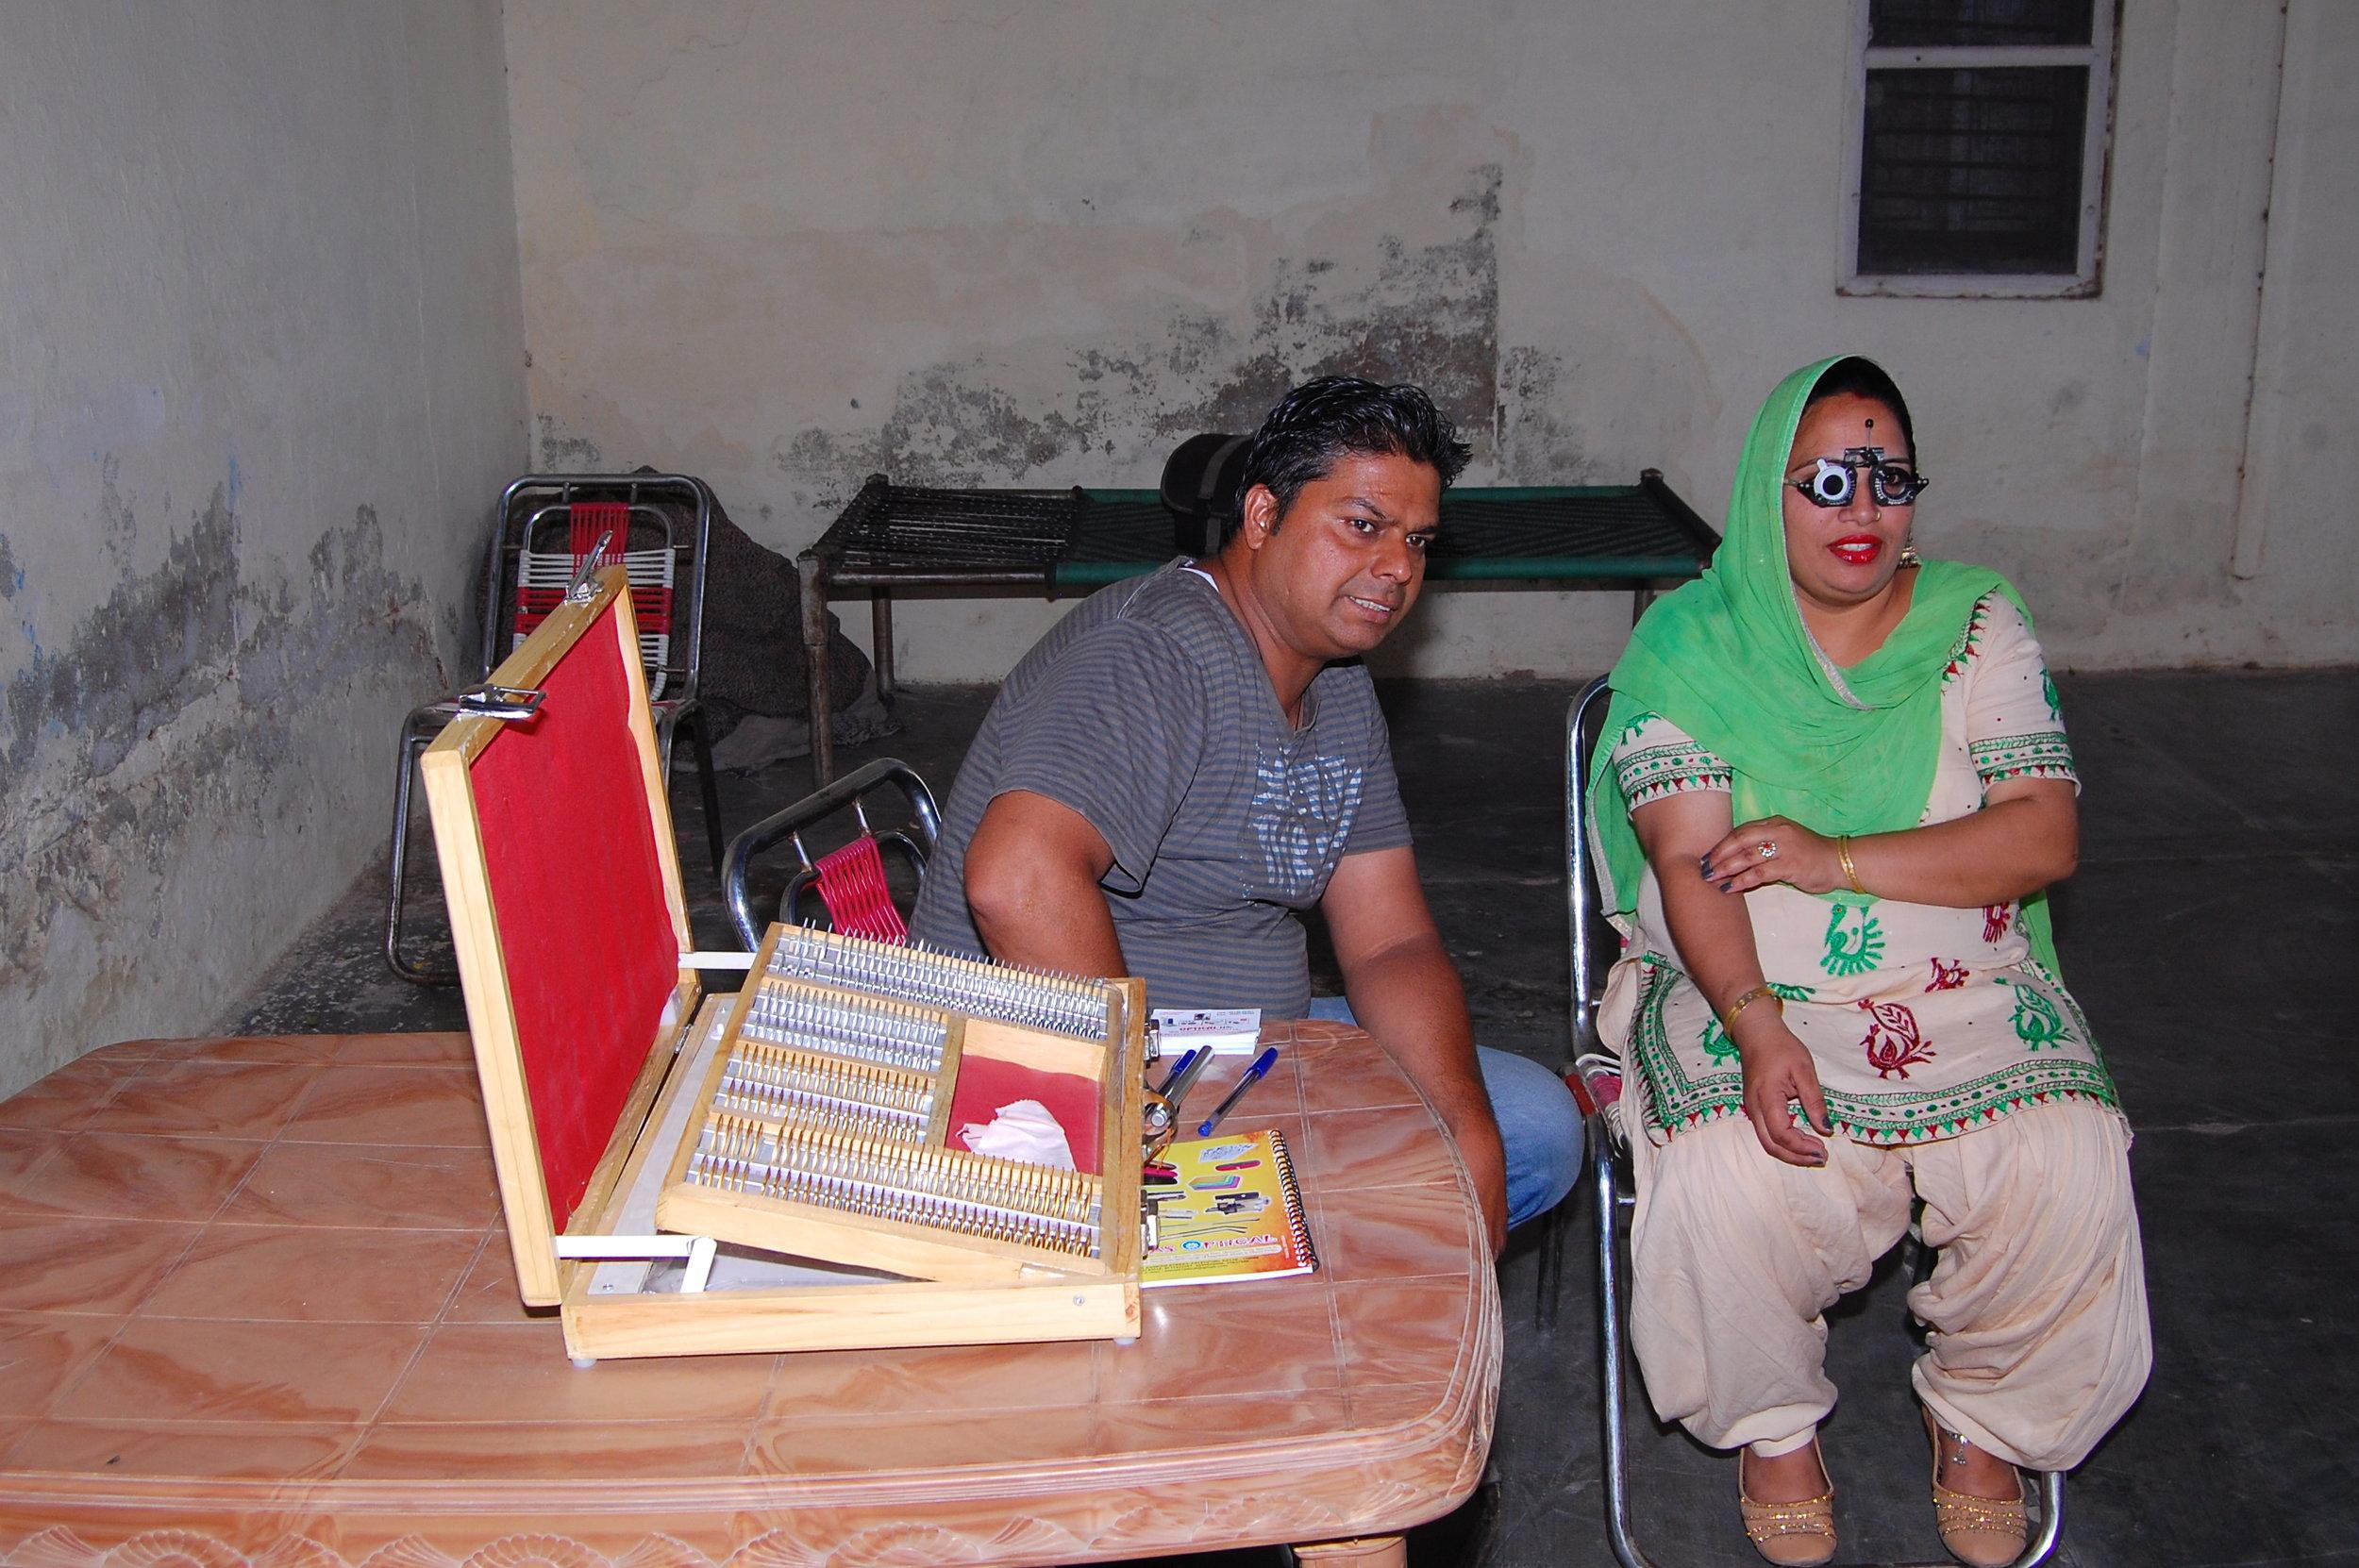 Optometrist checks artisan's vision